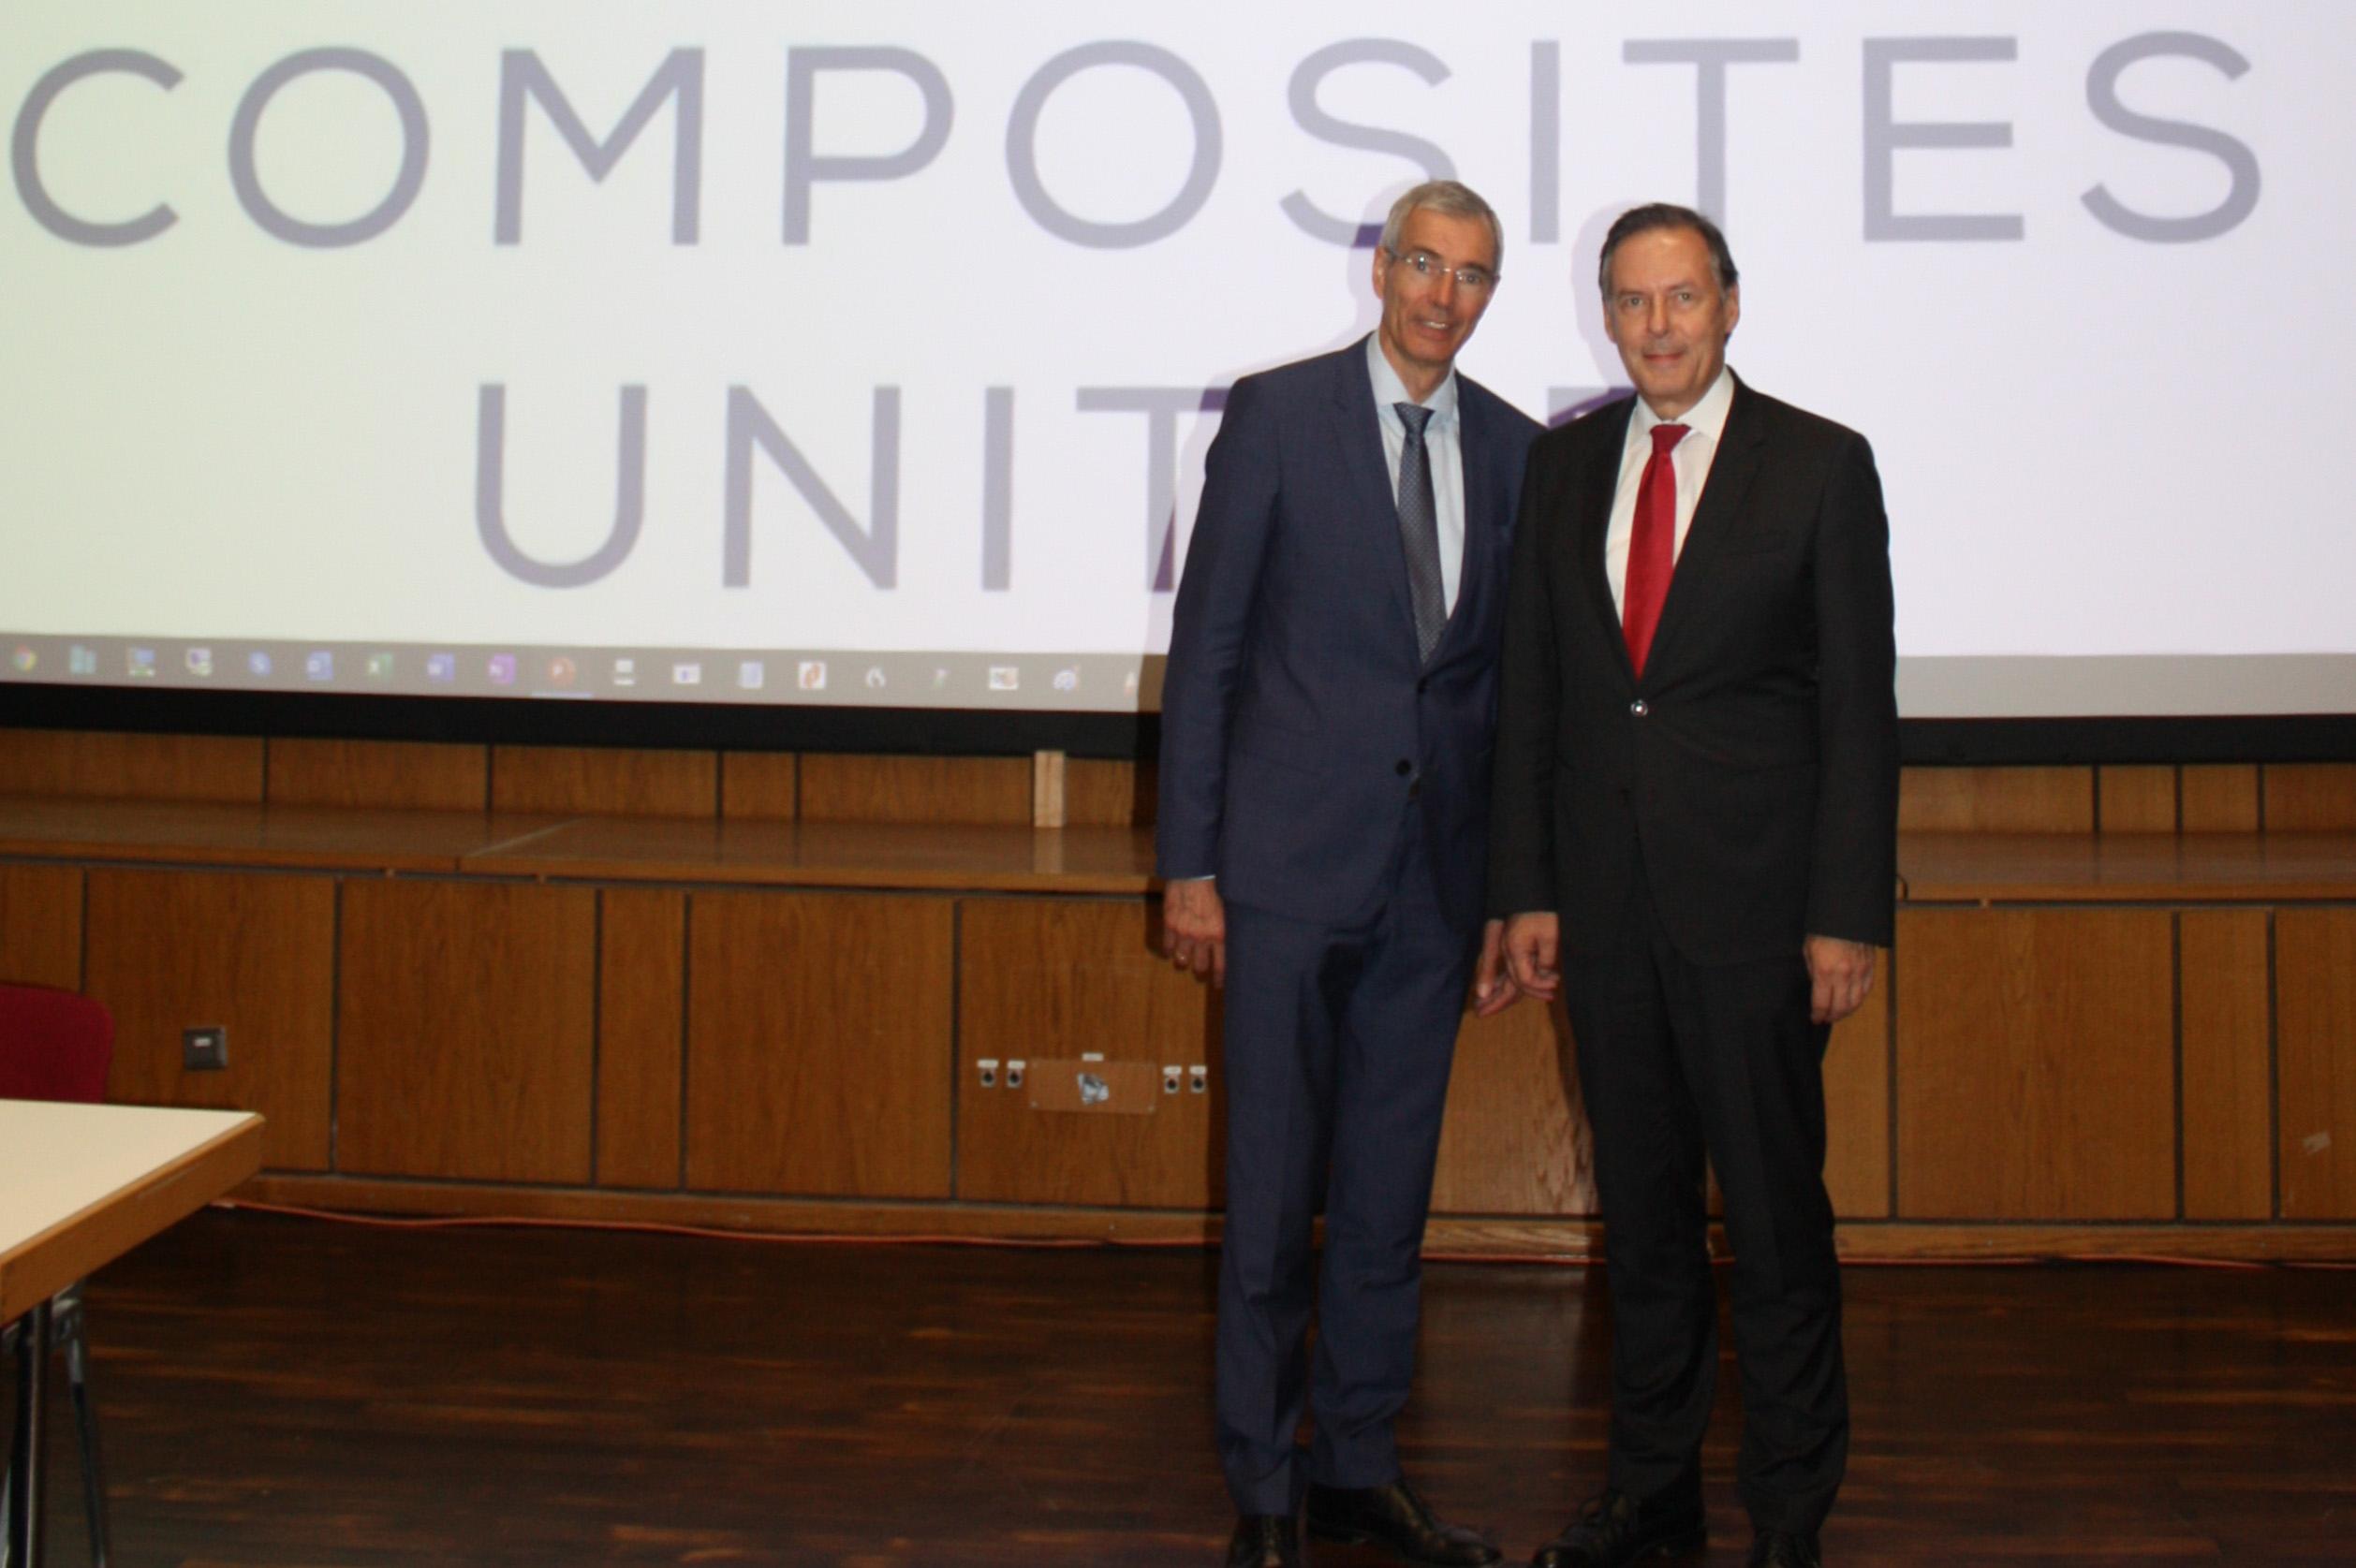 Gemeinsam für den Composits United e.V.- die beiden Hauptgeschäftsführer Alexander Gundling (li.) und Dr. Gunnar Merz (re.)